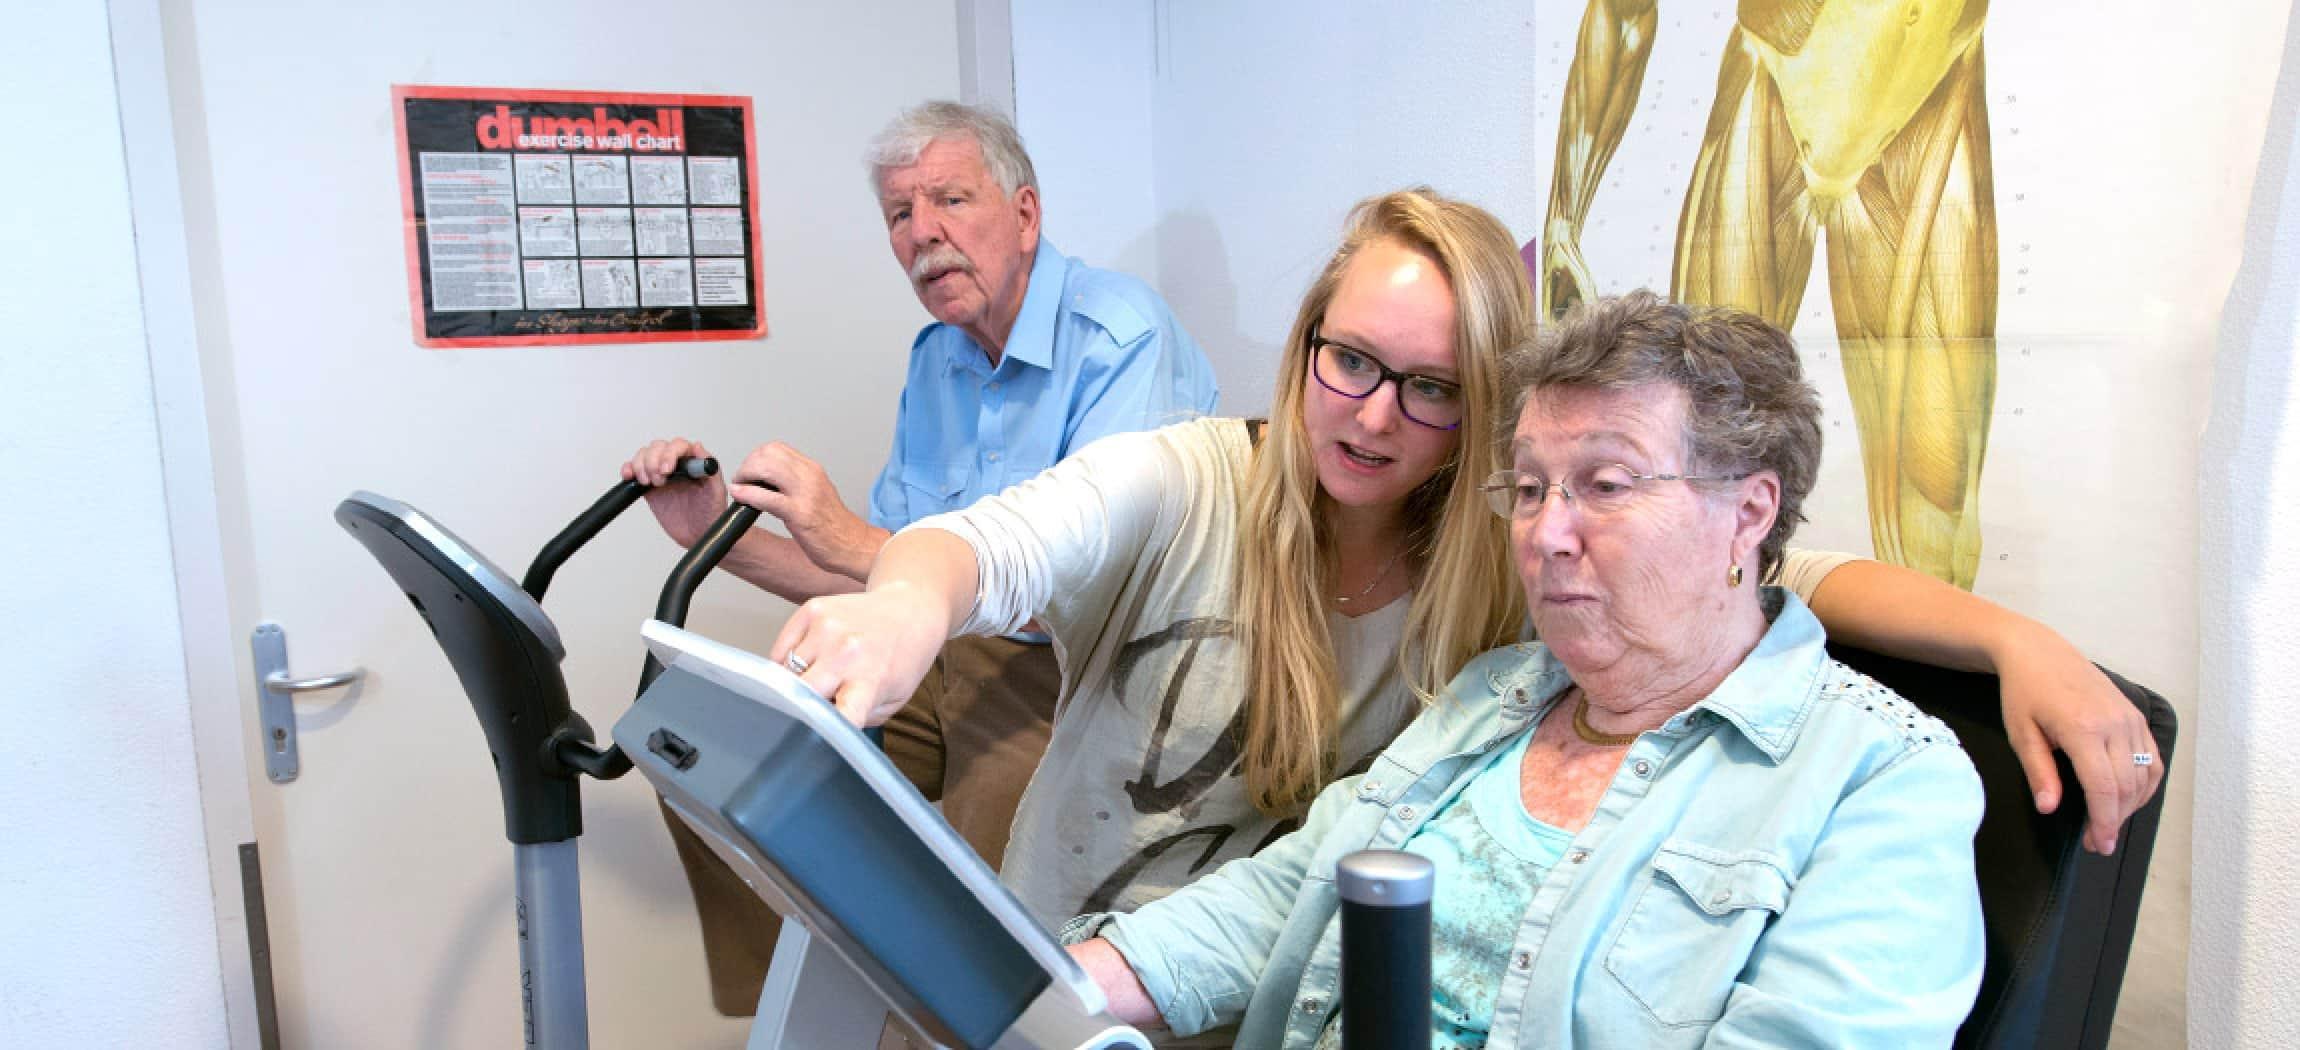 Ergotherapeut helft oudere vrouw met fitness fiets